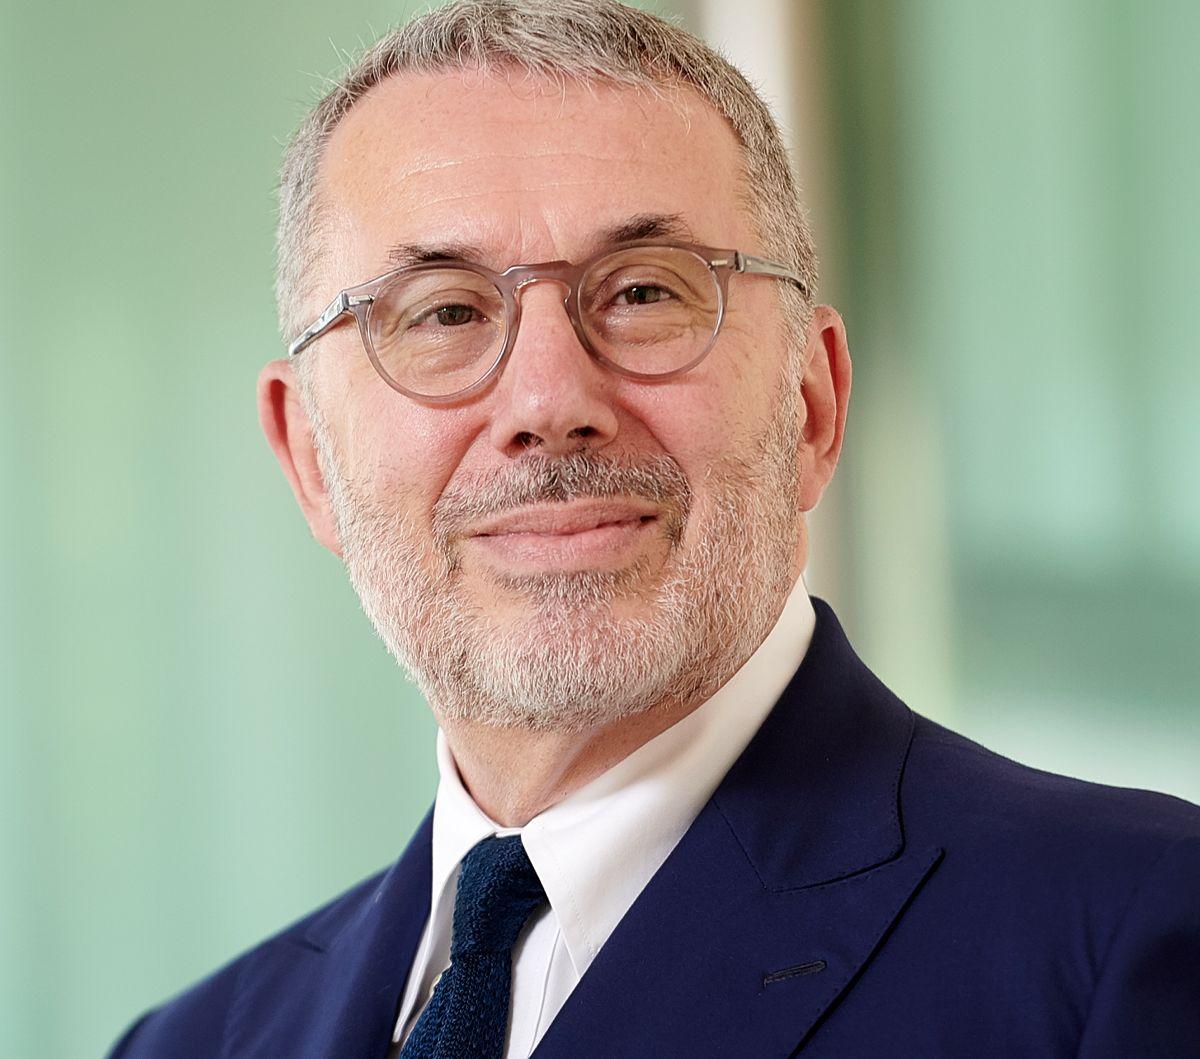 """Intesa Sanpaolo desemnată """"Banca Anului în Europa de Vest""""  și """"Banca Anului în Italia"""" la The Banker Awards 2020"""